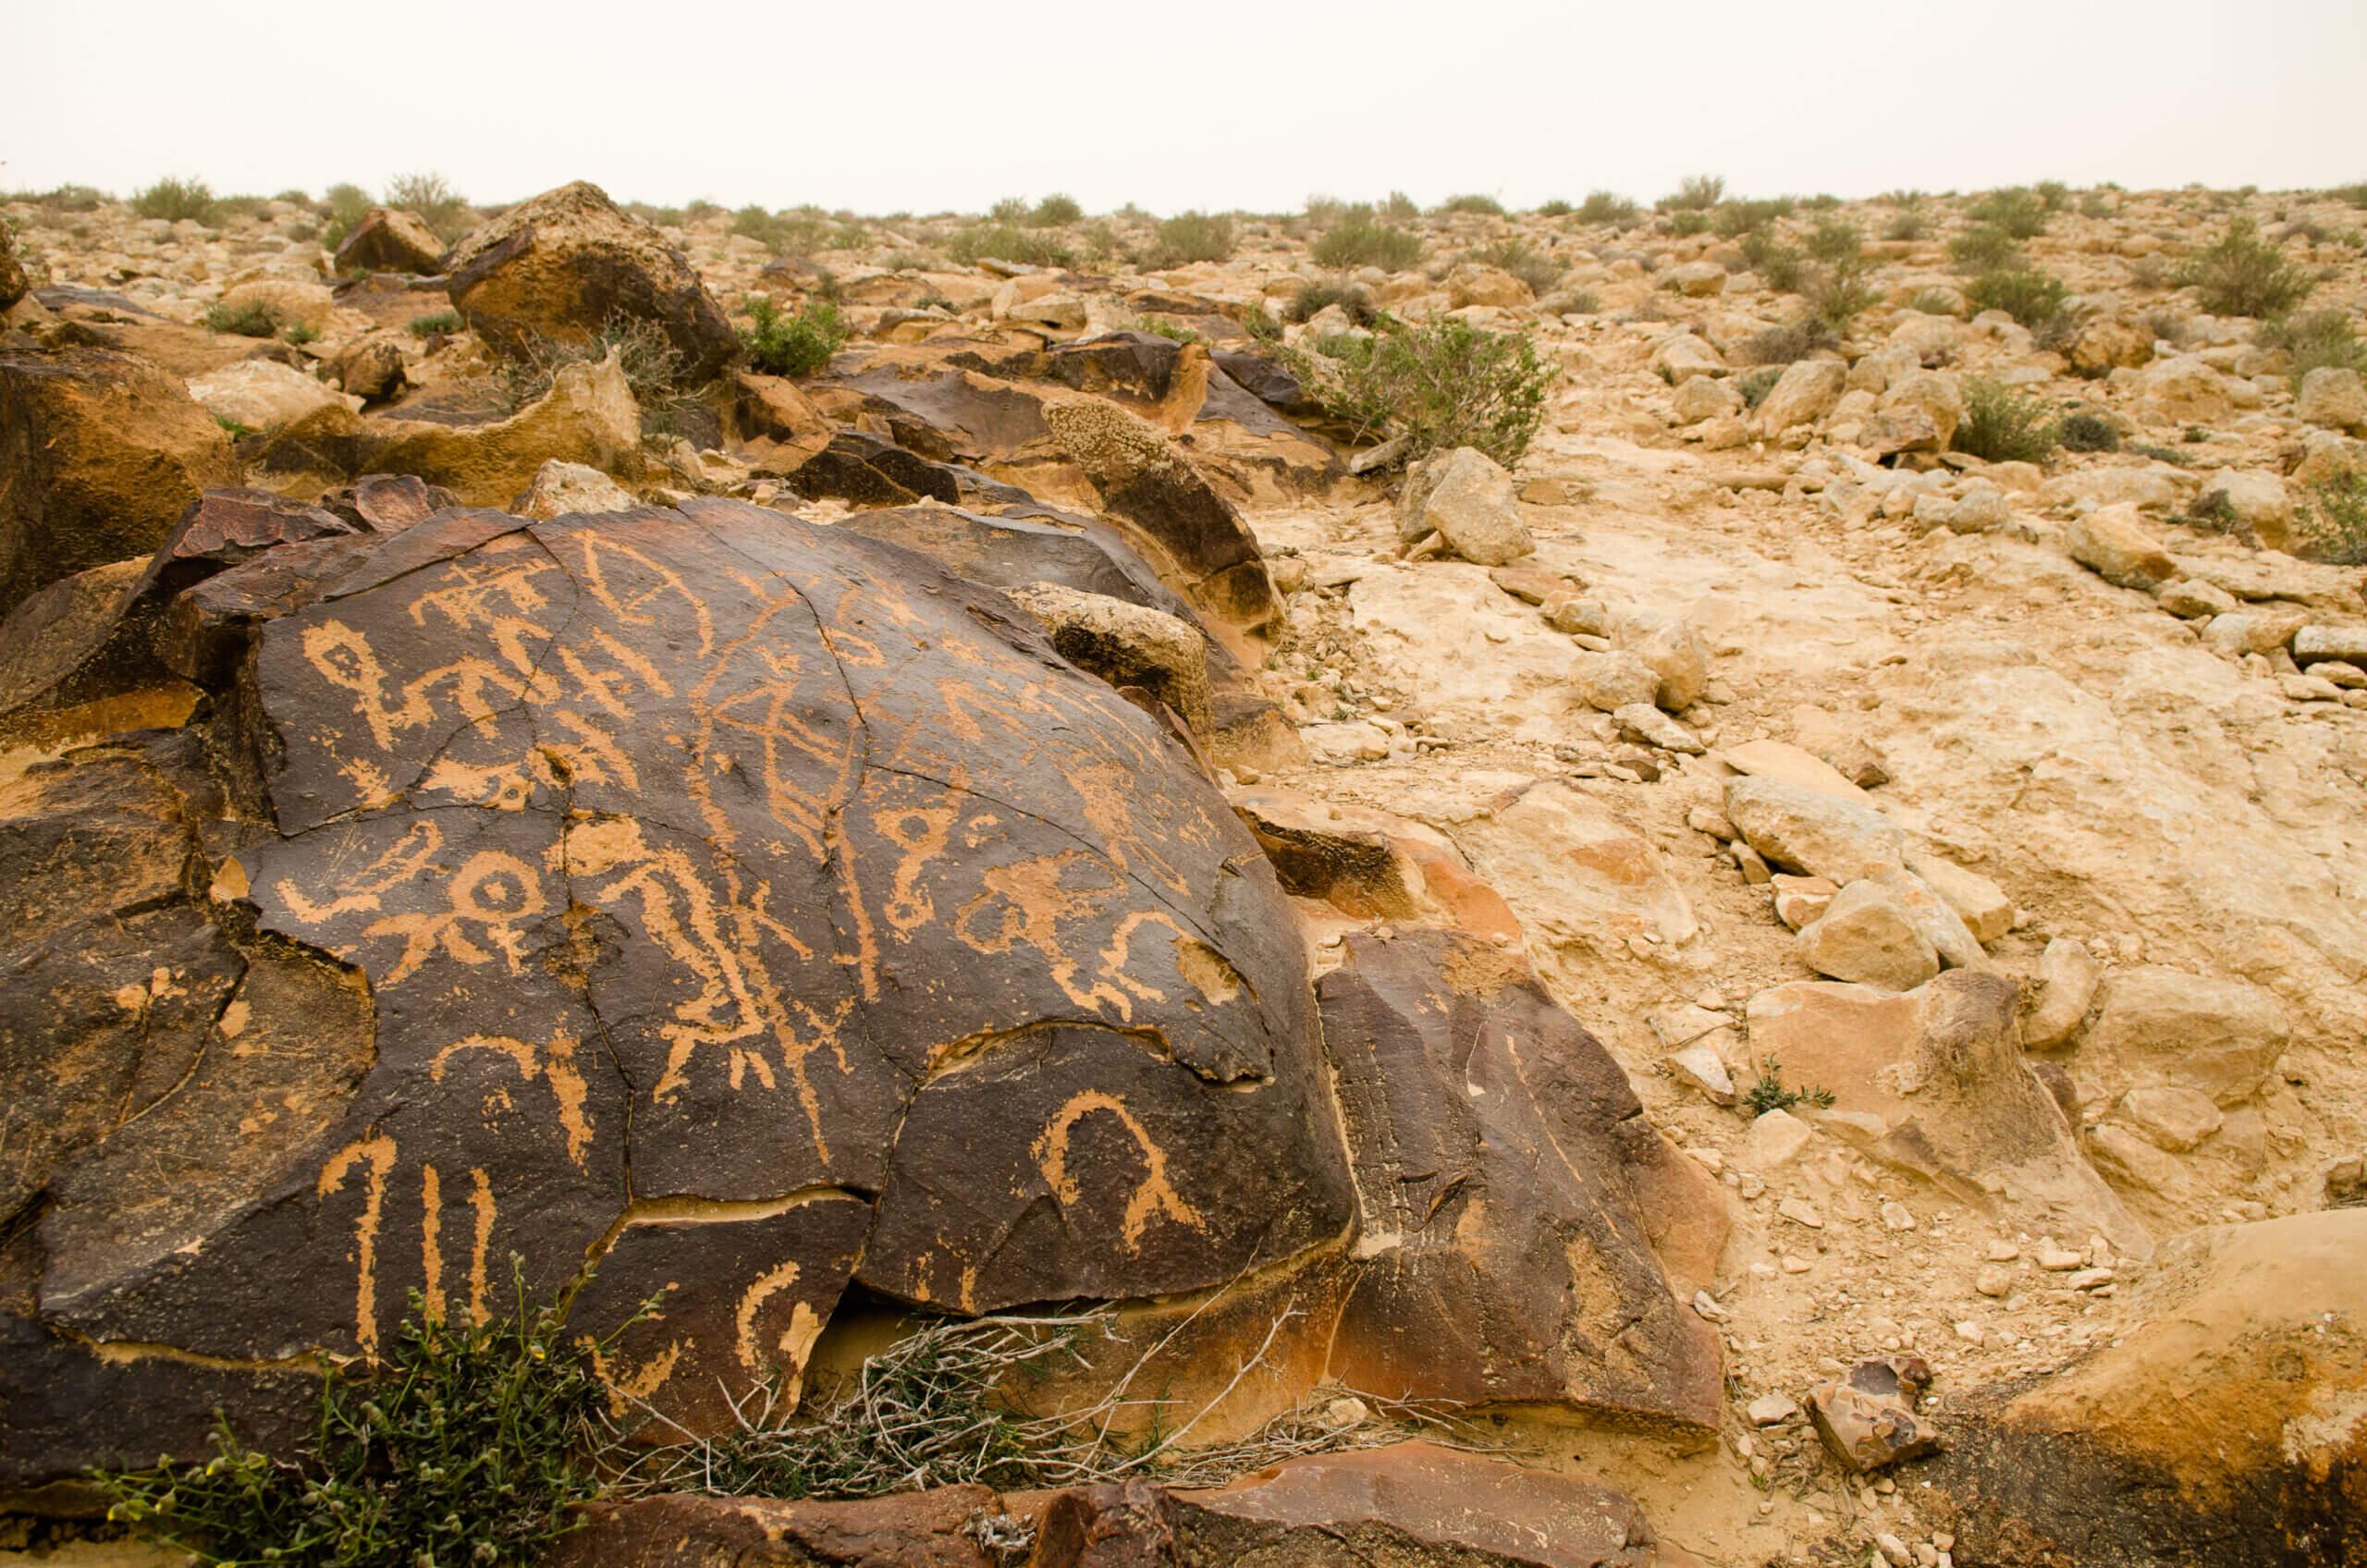 4 - בעקבות ציורי הסלע המסתוריים בנגב